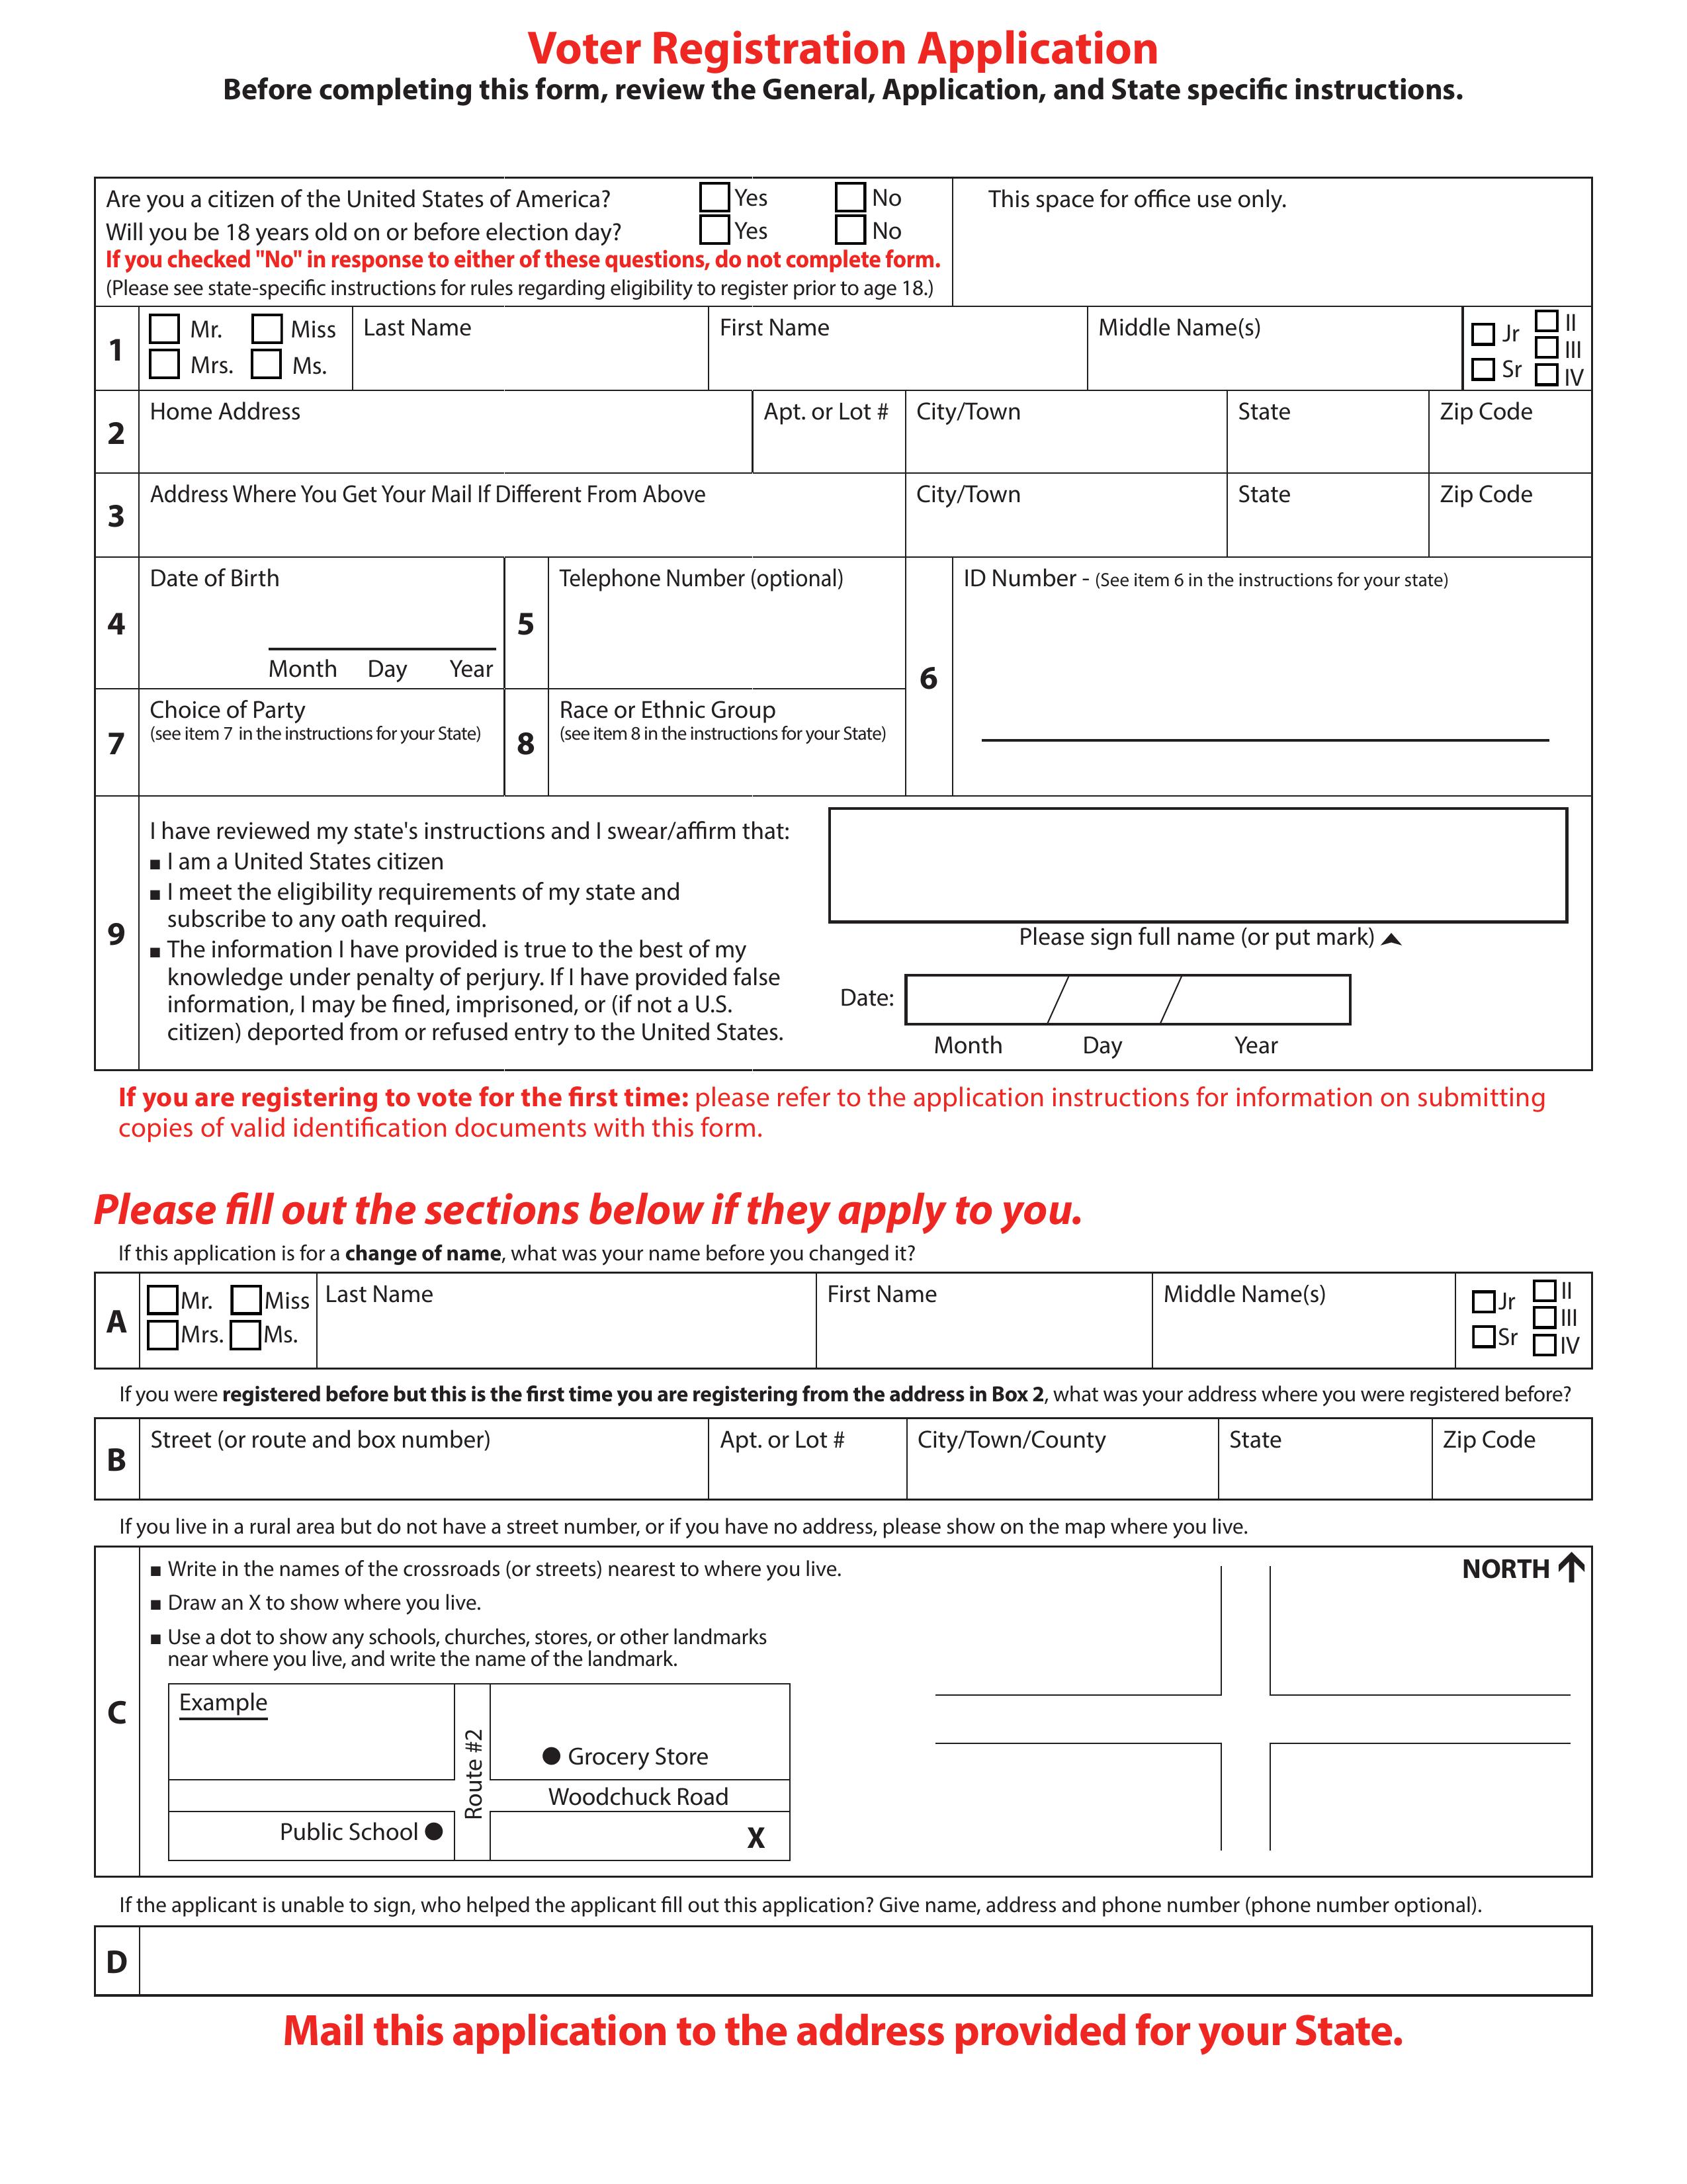 Free Voter Registration Forms - PDF | eForms – Free ...